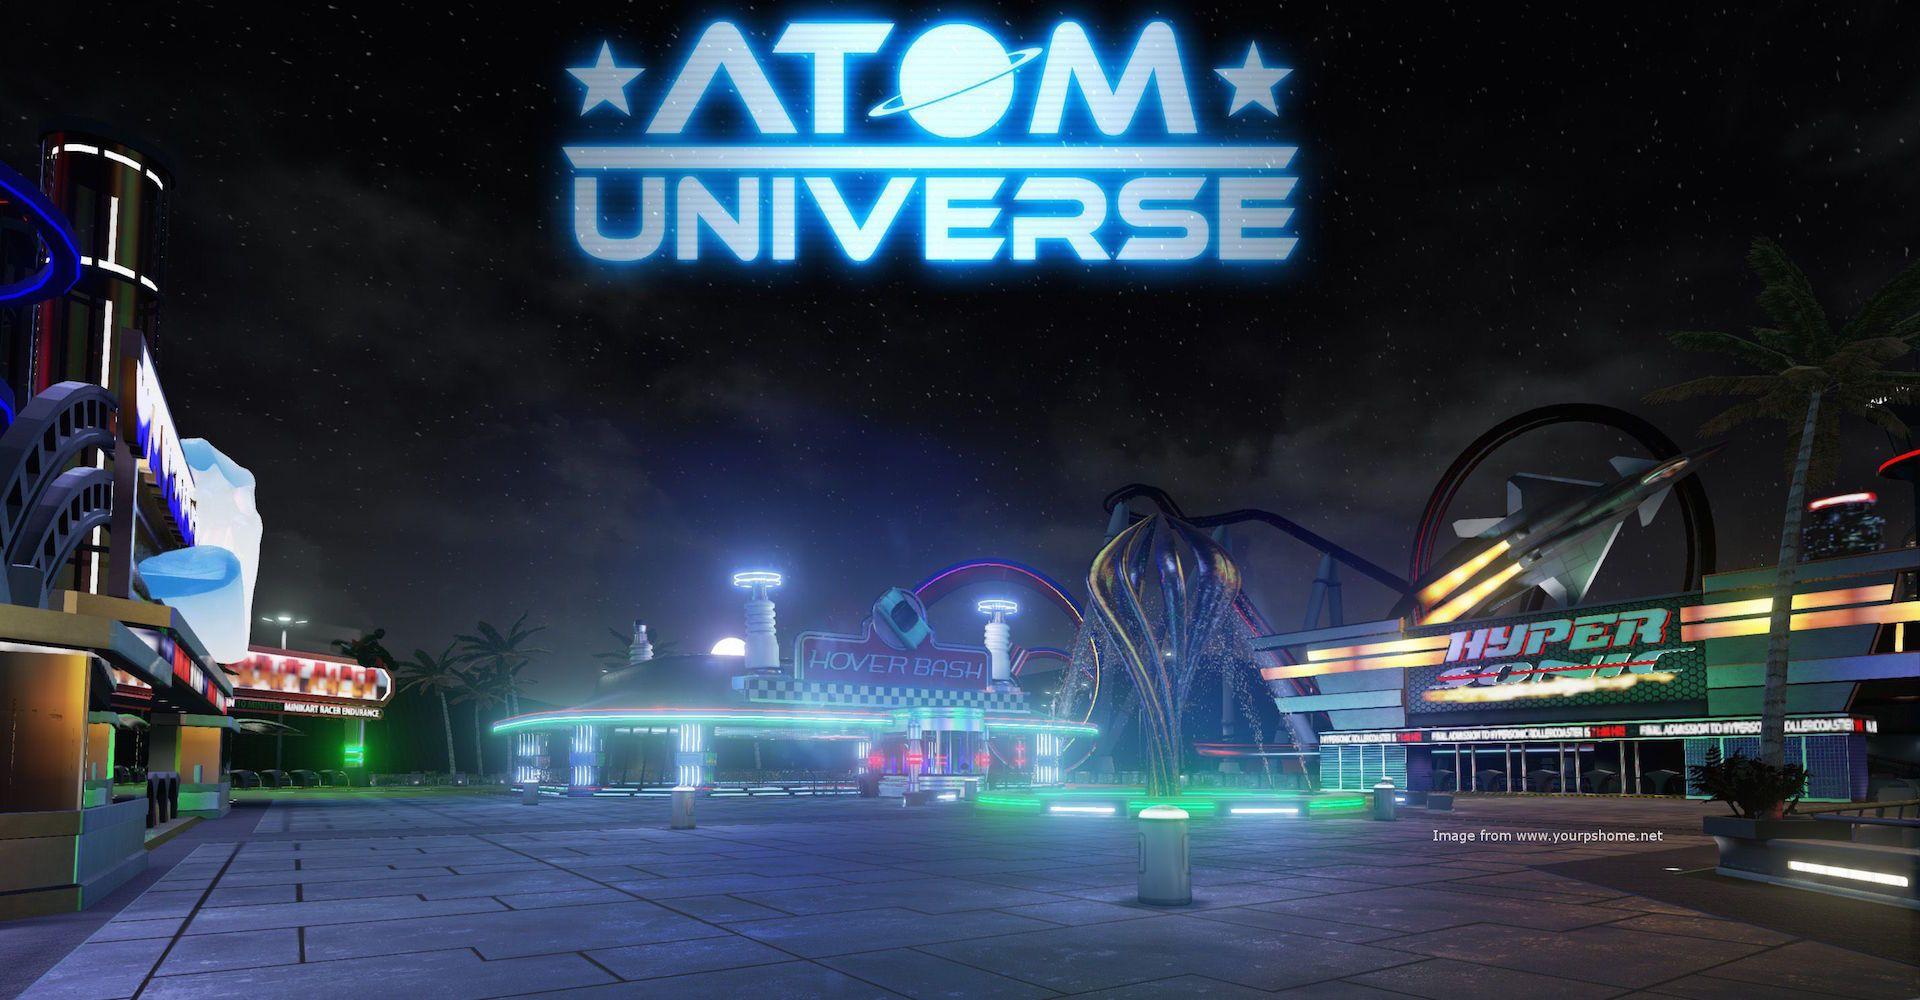 Karen Talks To Atom Republic About Atom Universe, kwoman32, Nov 30, 2014, 4:55 PM, YourPSHome.net, jpg, wideShot-copy.jpg